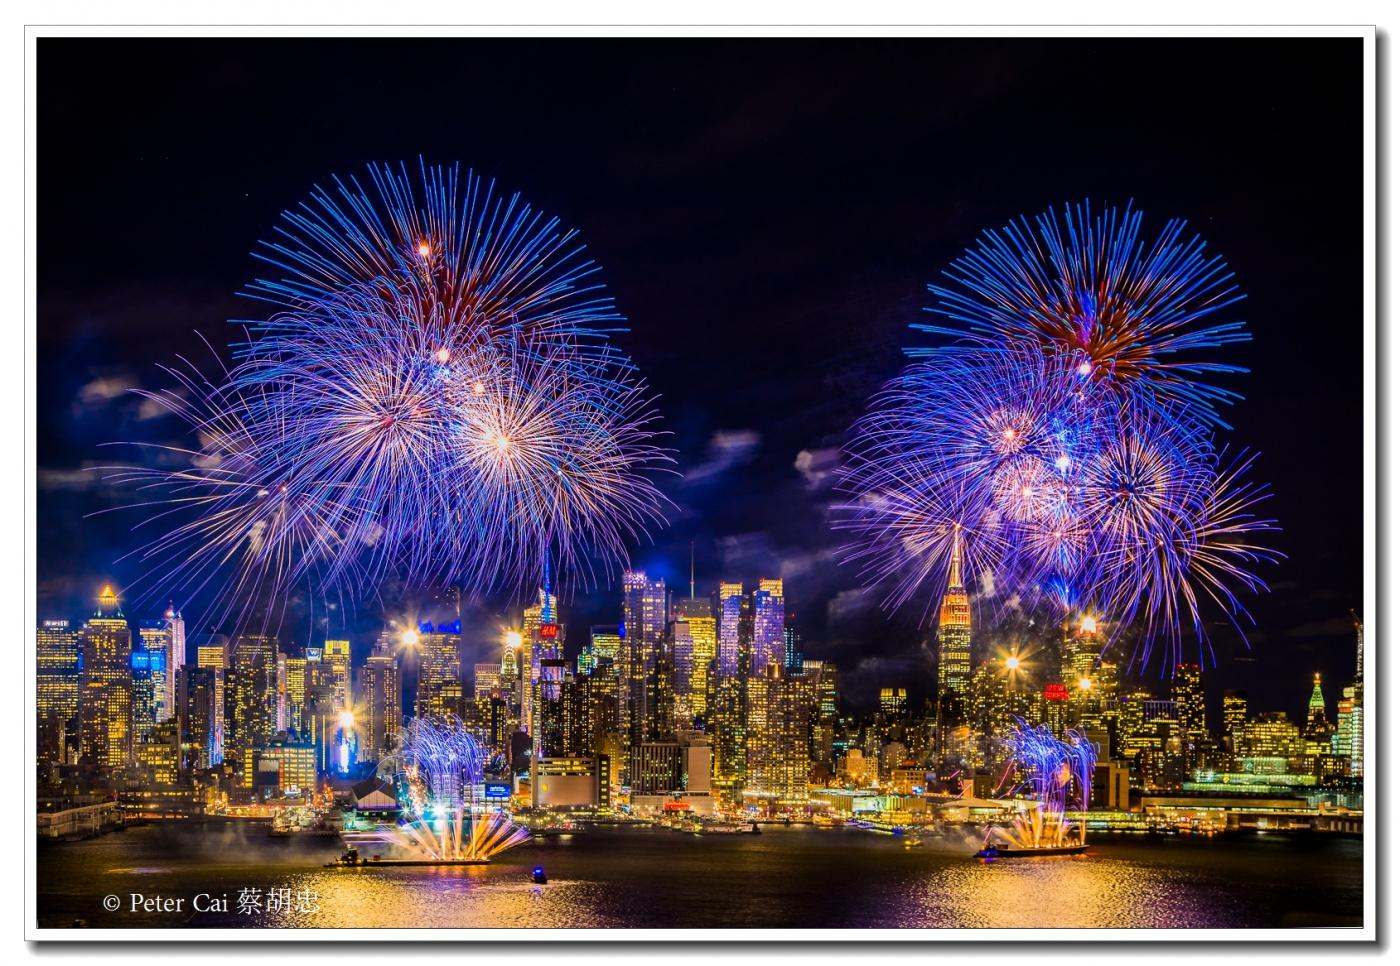 为庆祝中国新年, 纽约昨天晚上盛放焰火_图1-3